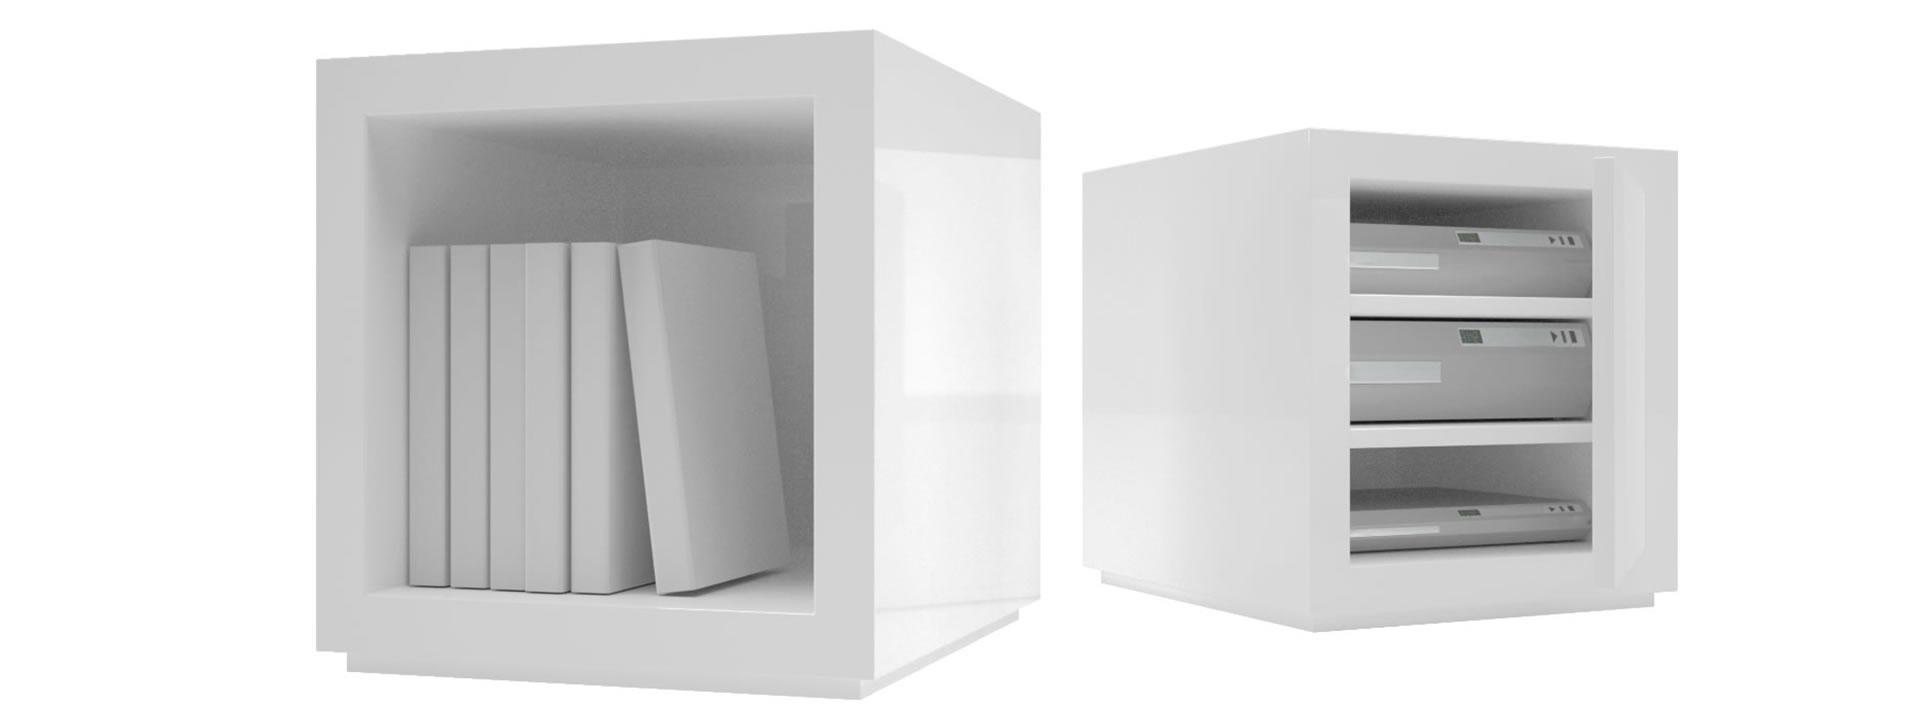 Full Size of Regal Weiß Hochglanz Regalsystem Lectulus Quadratische Design Wrfel Von Auf Maß Günstig Wohnzimmer Vitrine Bett 100x200 Tv Kinderzimmer Fächer Cd Dvd Regal Regal Weiß Hochglanz